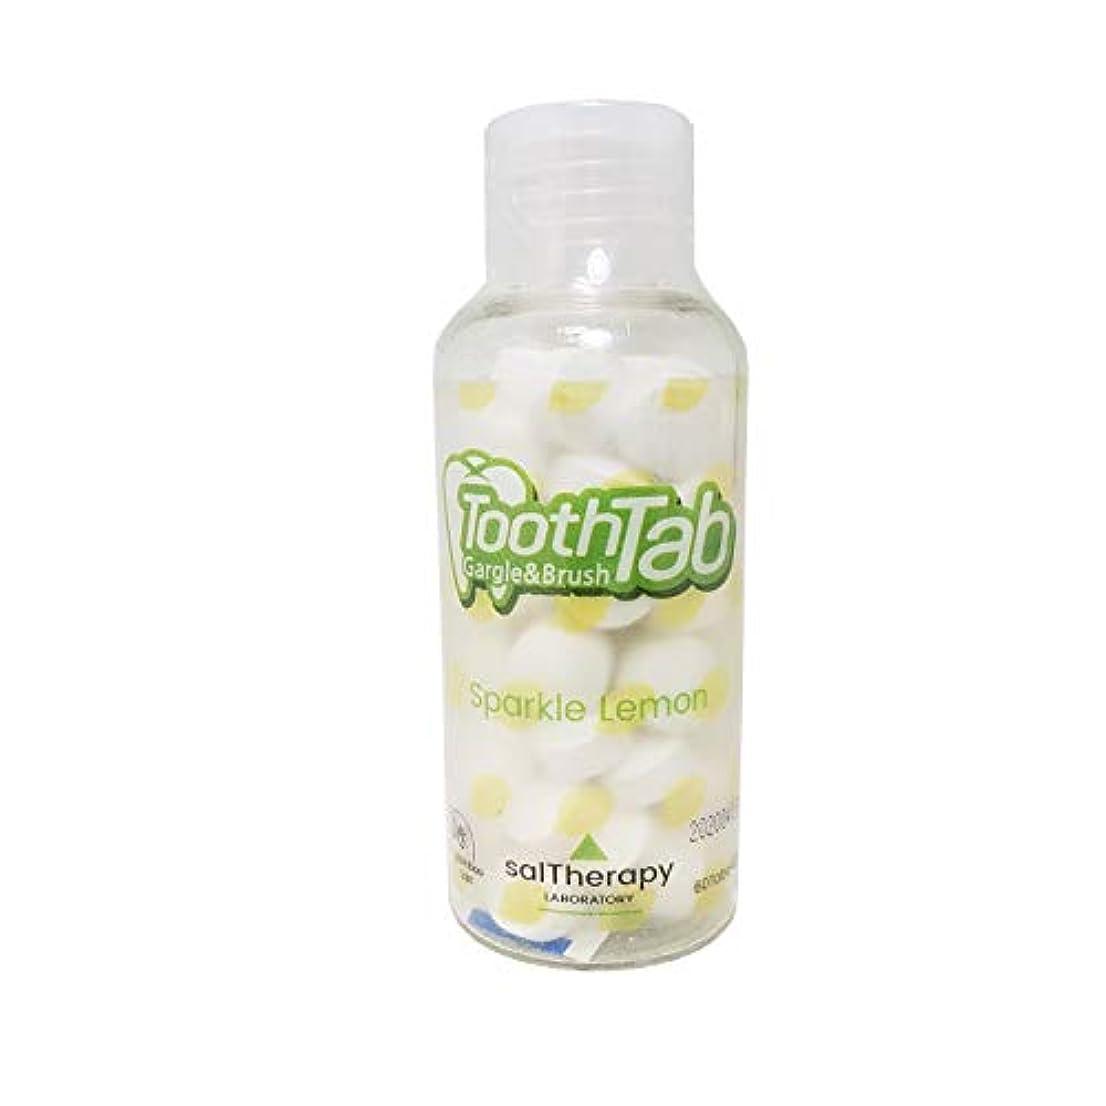 スパンおもてなしインフラSalTherapy 歯磨き粉 固体タブレット 60個入 (Sparkle Lemon)